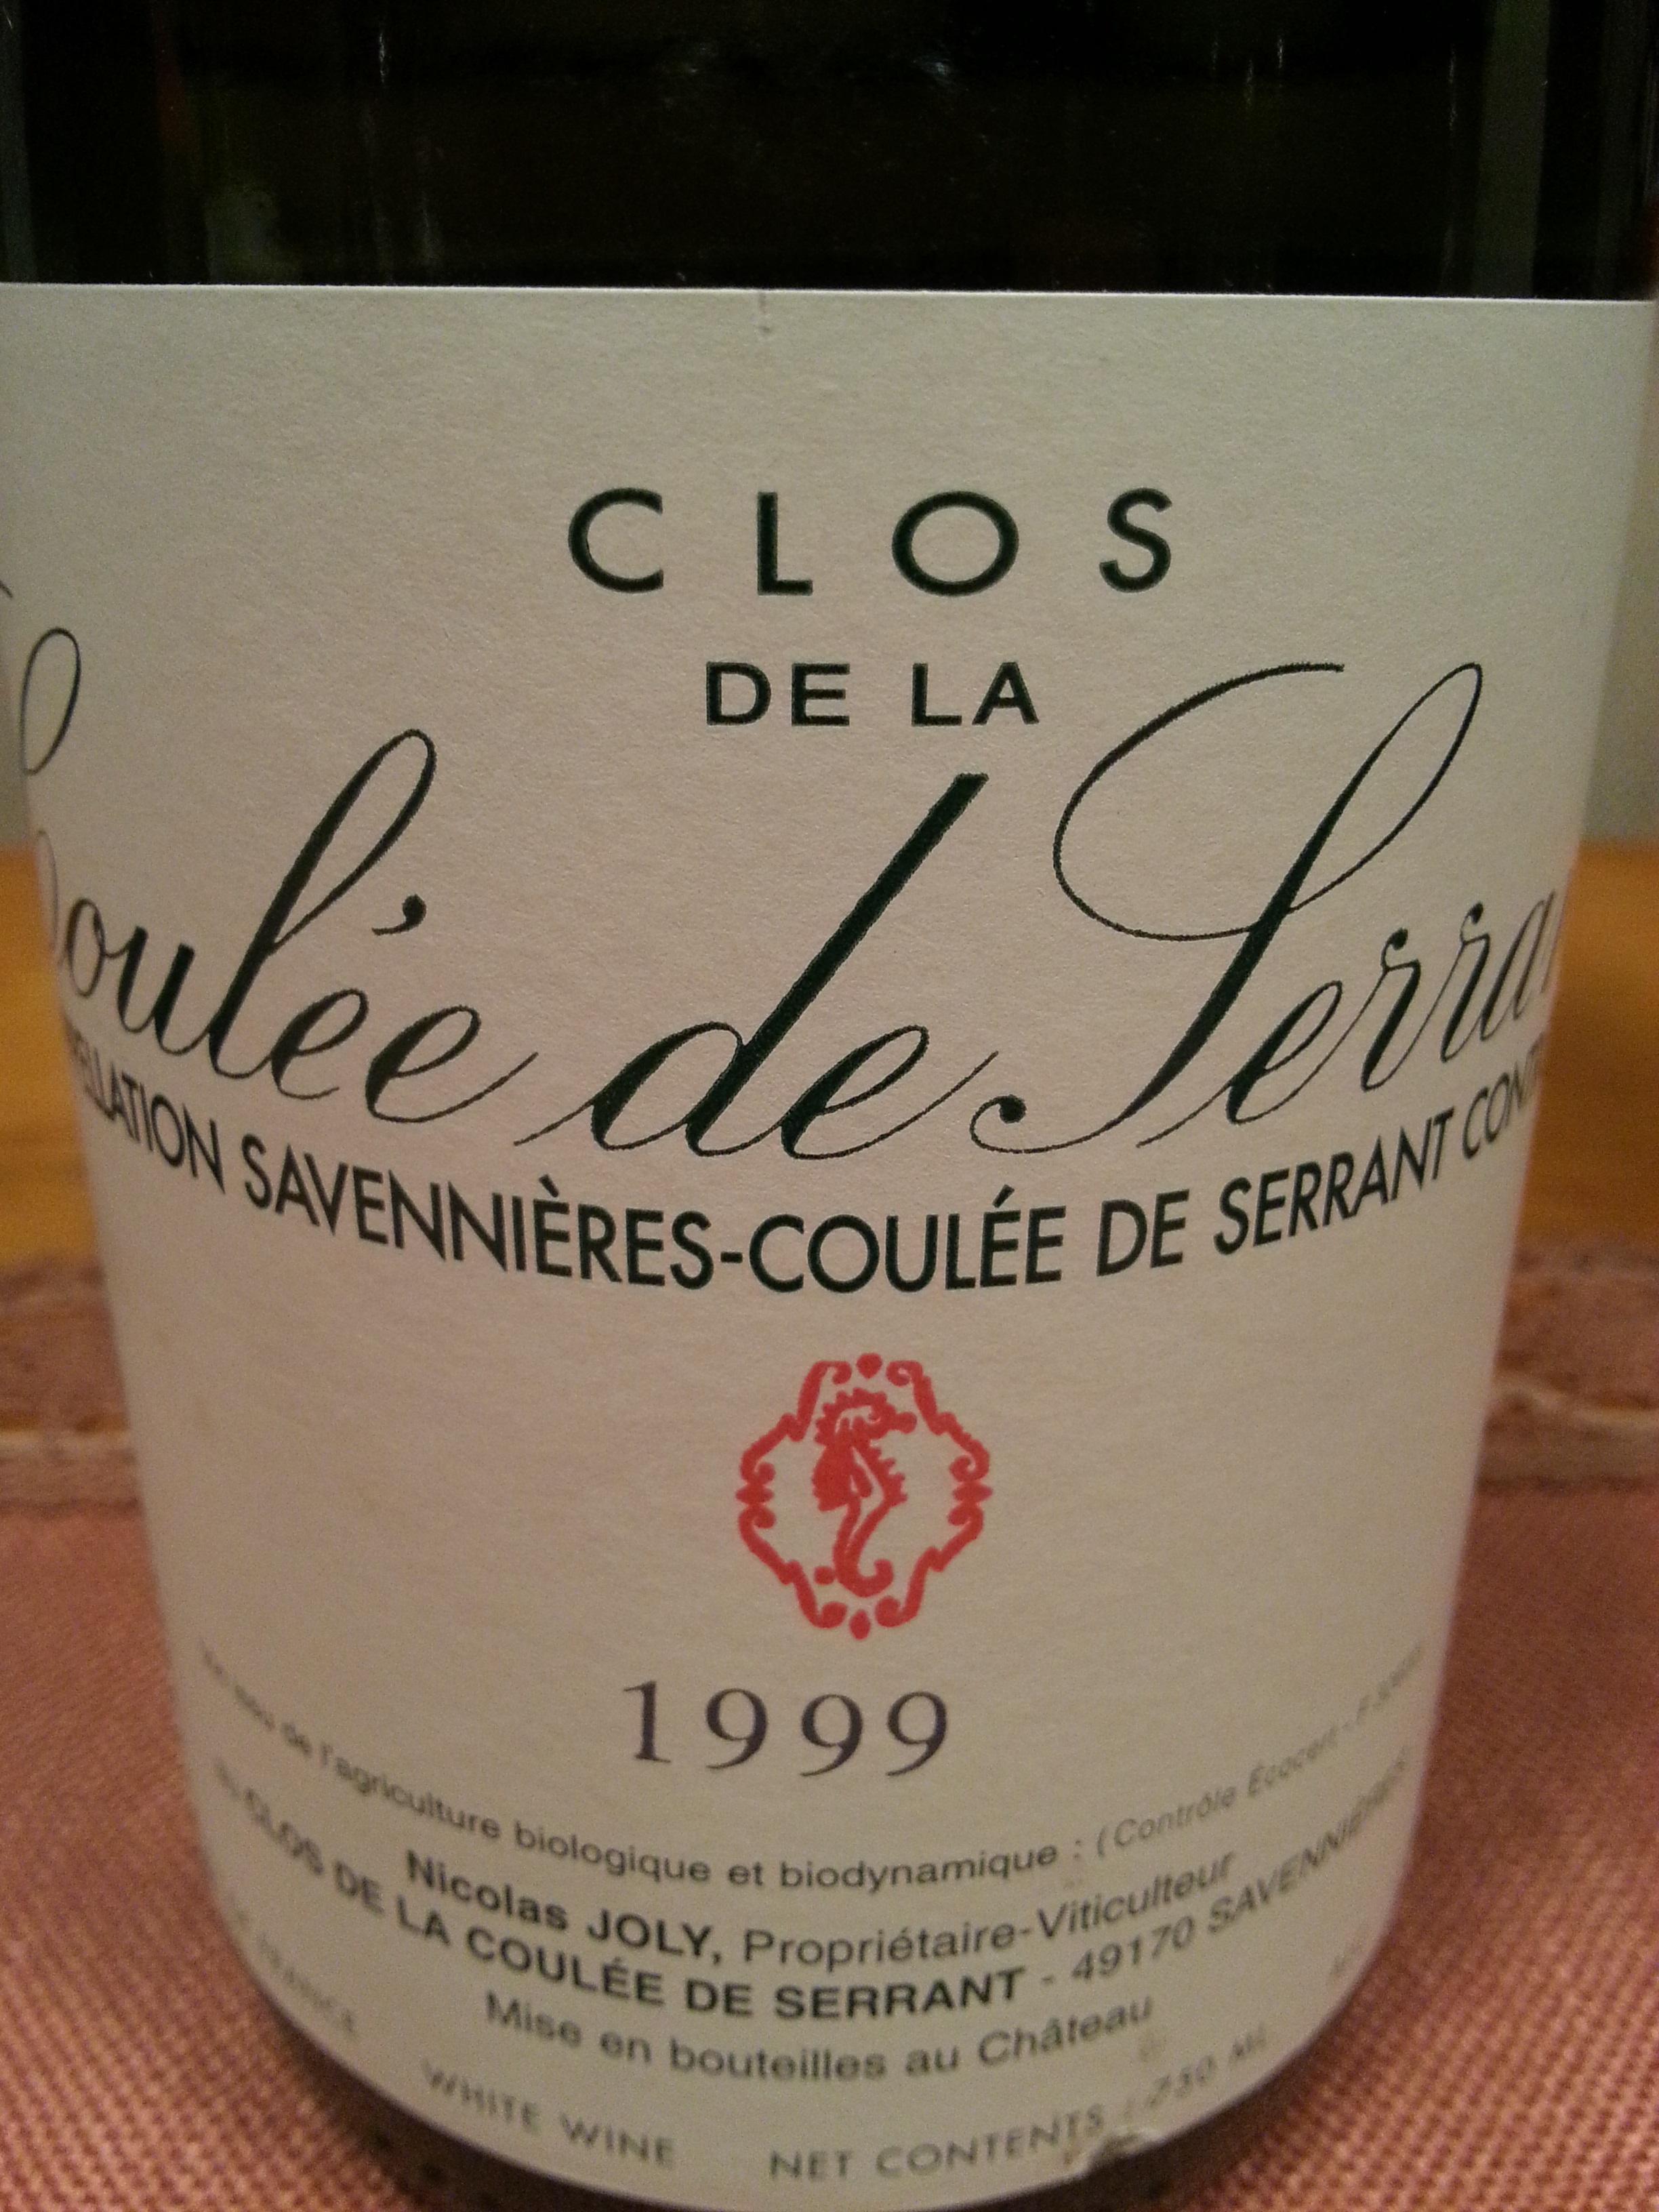 1999 Clos de la Coulée de Serrant | Joly